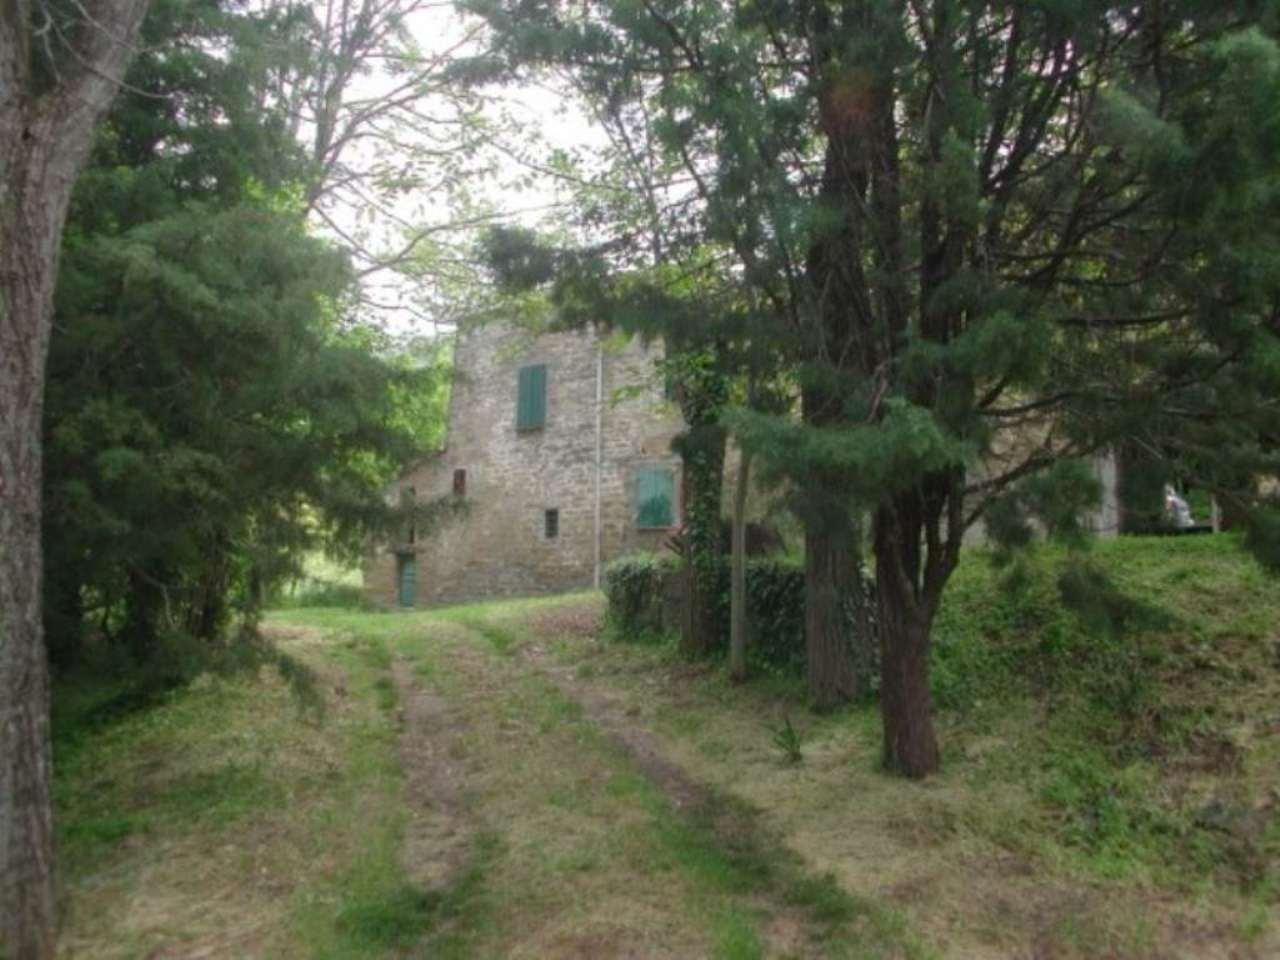 Rustico / Casale in vendita a Brisighella, 6 locali, prezzo € 160.000 | Cambio Casa.it